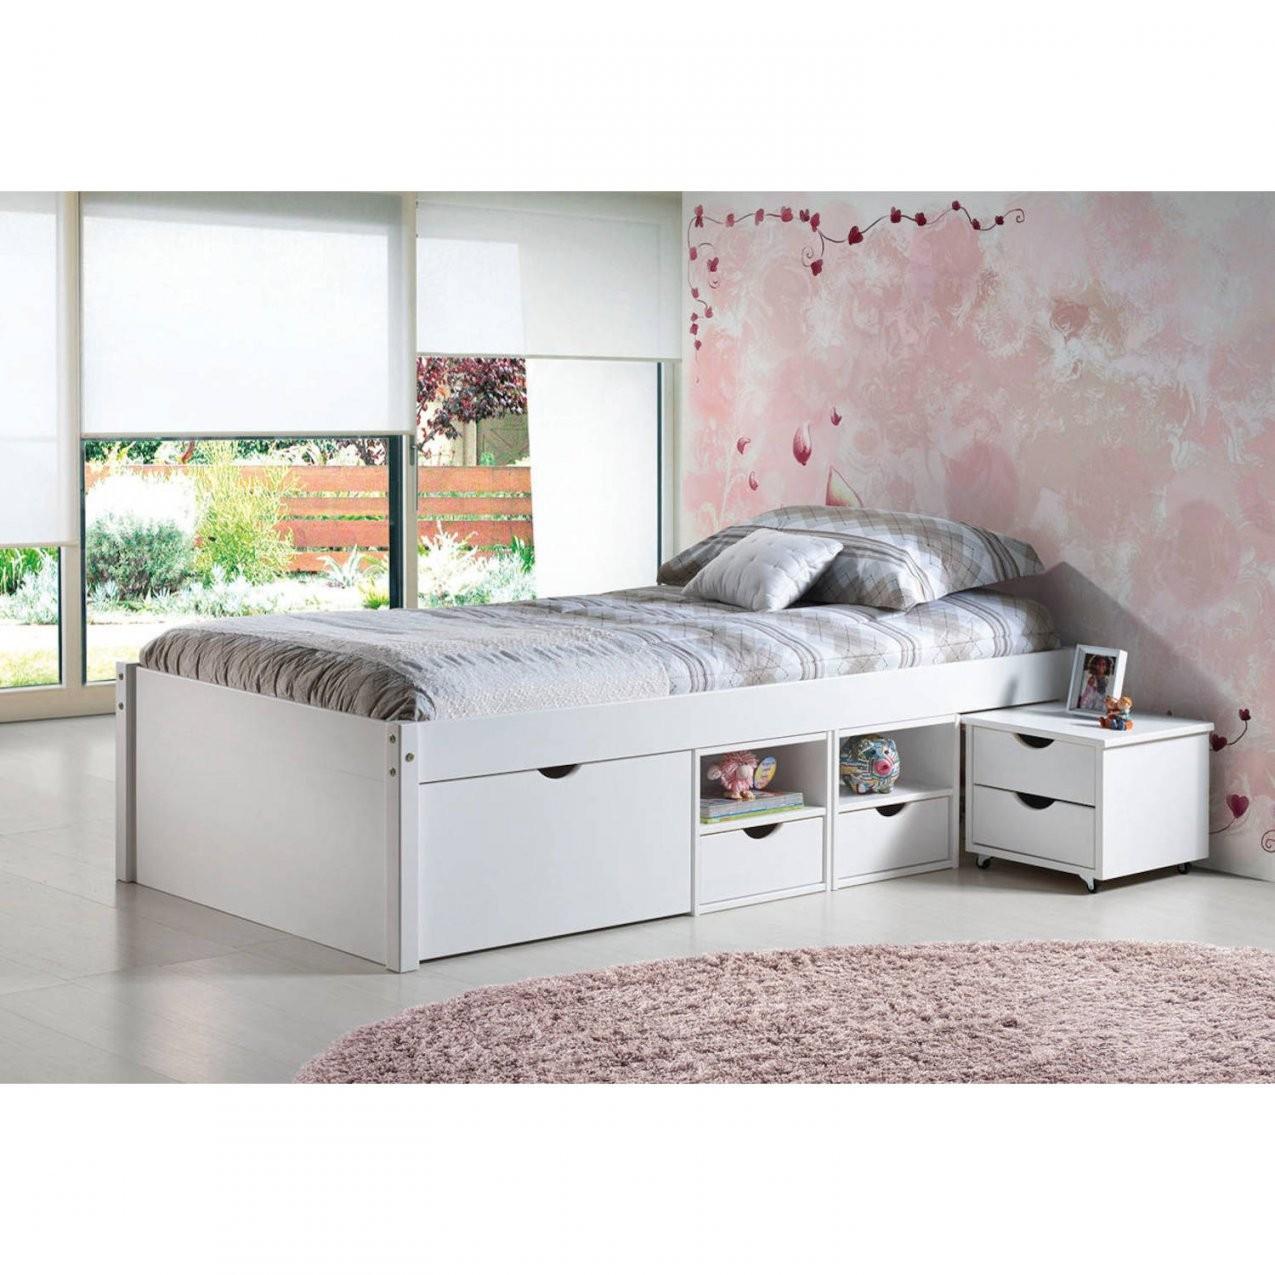 Bett Kinderbett Funktionsbett Schubladen Weiß Massivholz 90X200 Neu von Bett 90X200 Weiß Mit Schubladen Bild